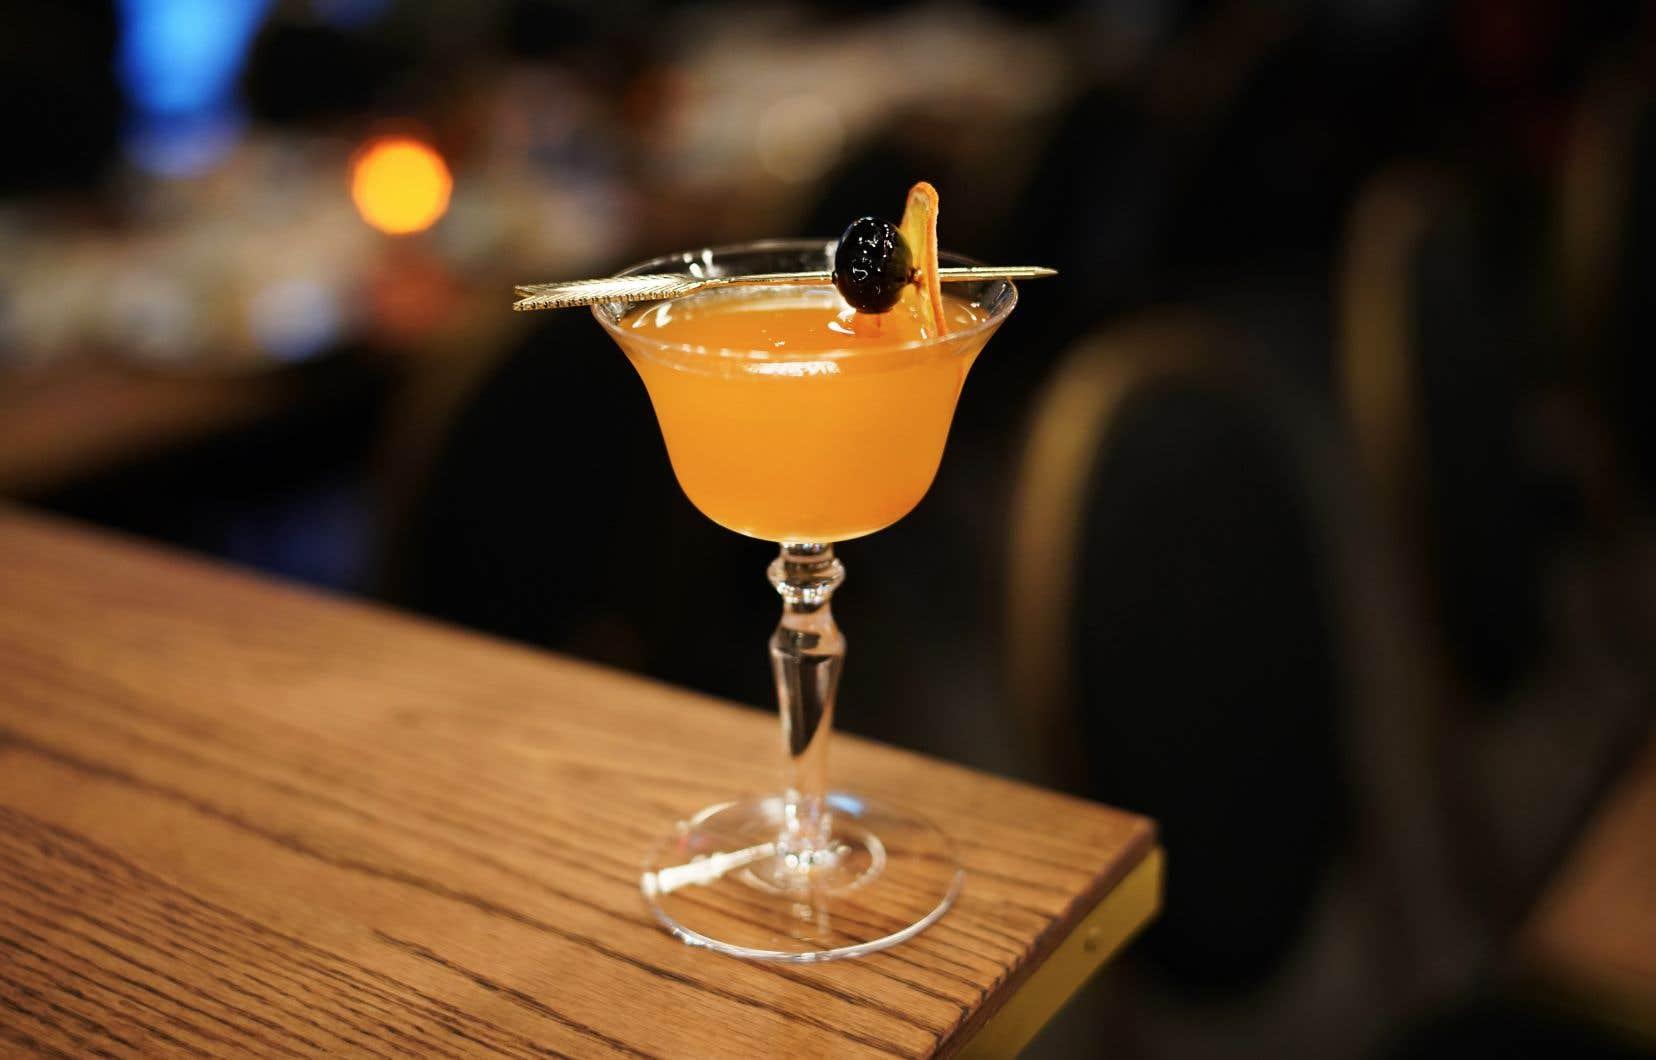 <p>Garnir d'une rondelle d'orange ou d'une cerise italienne.</p>